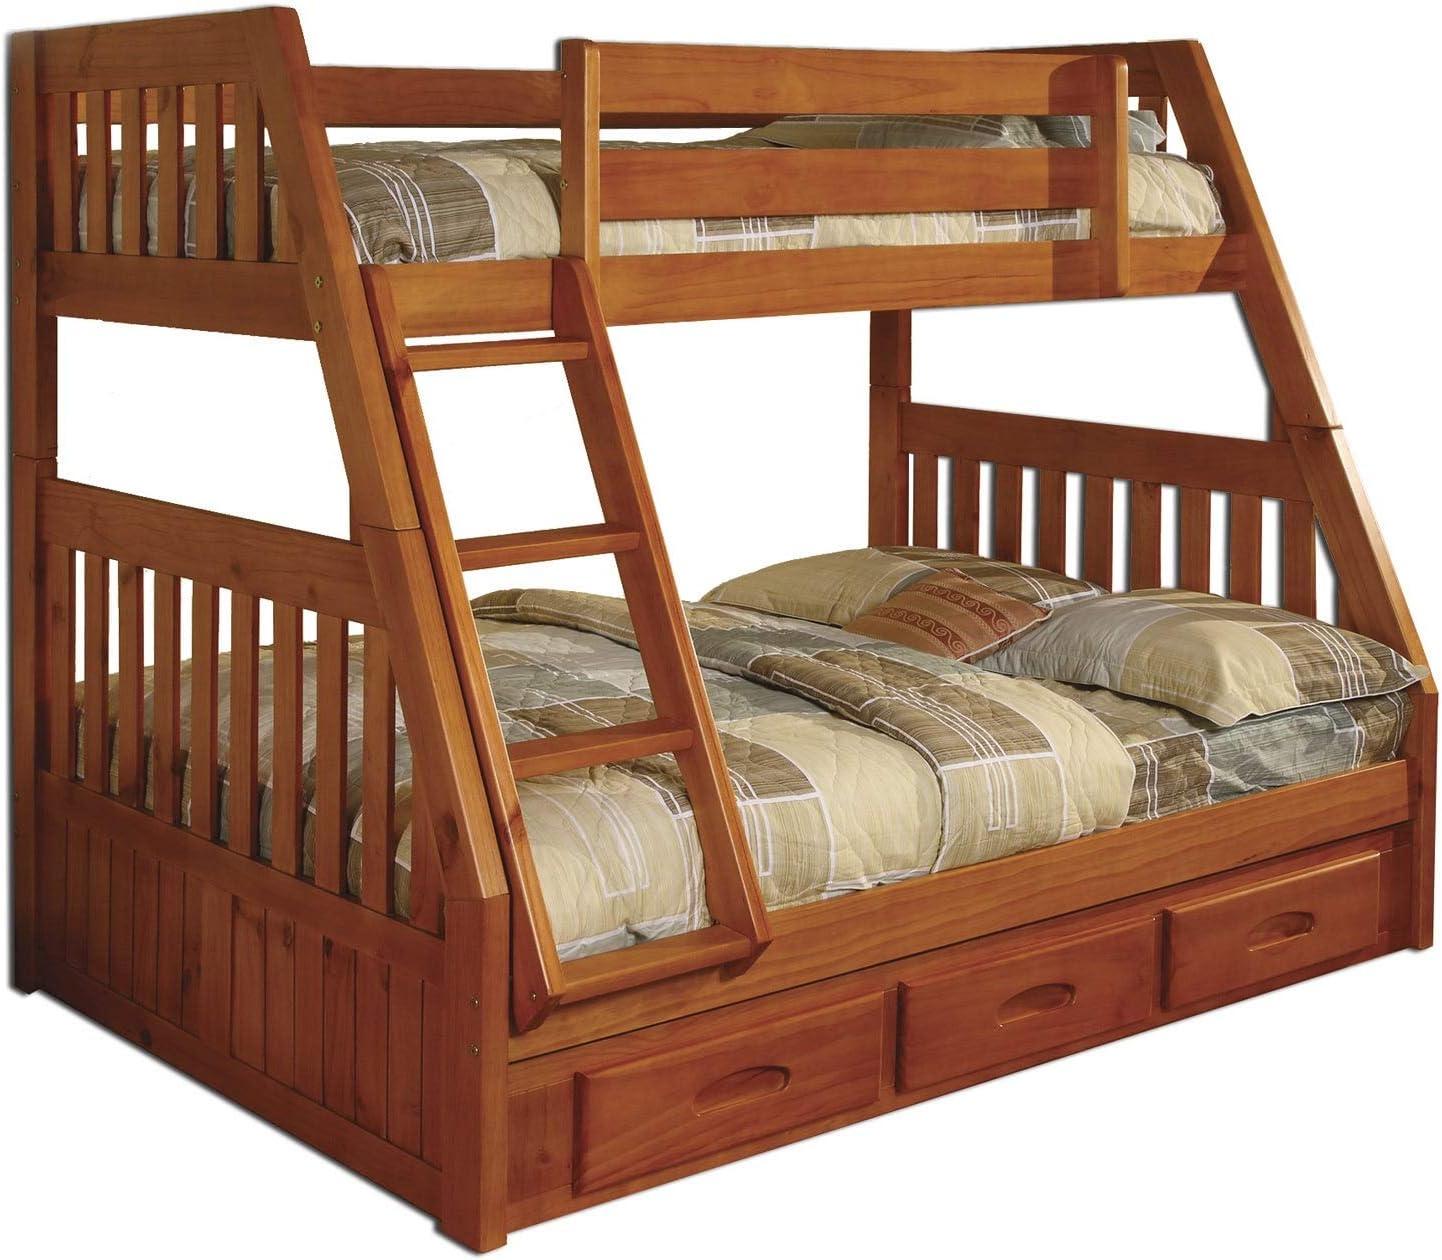 American muebles Classics – Miel de pino/madera twin-over-full 3 cajones bajo cama con Bono, cabaña, de escritorio y silla: Amazon.es: Hogar